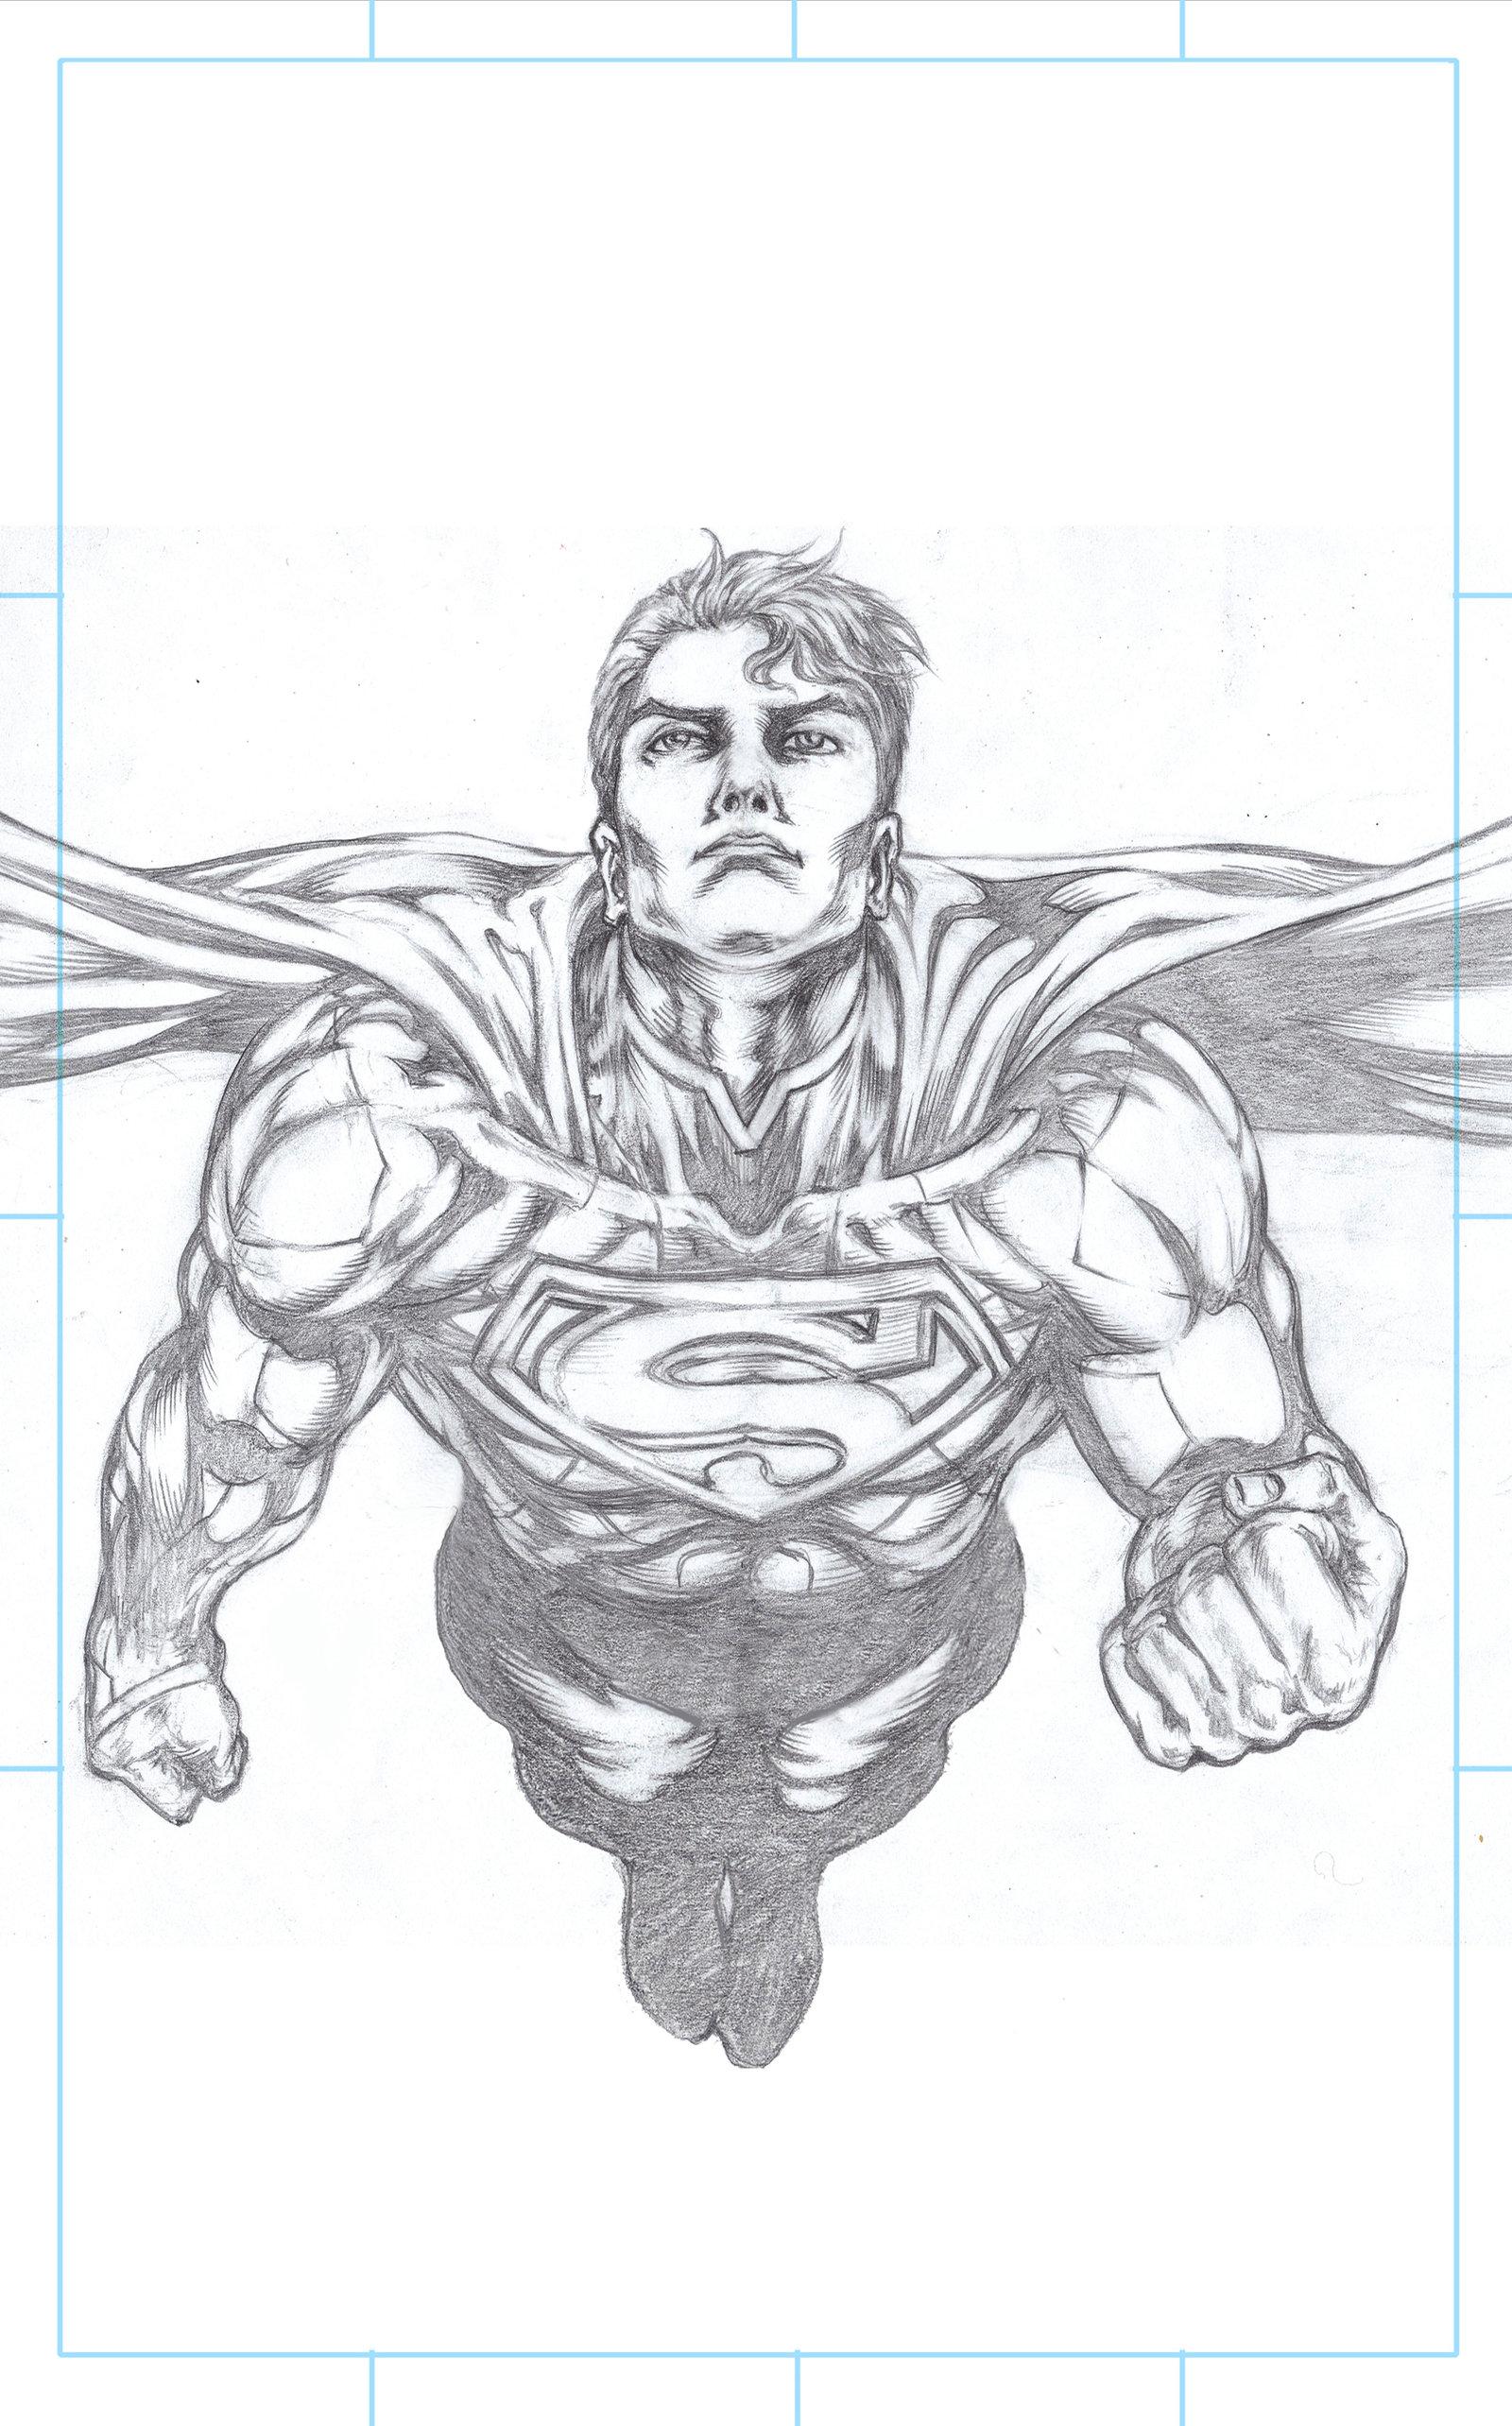 Drawn superman foreshortened SUPERMAN Wolverine sketch DeviantArt Foreshortened